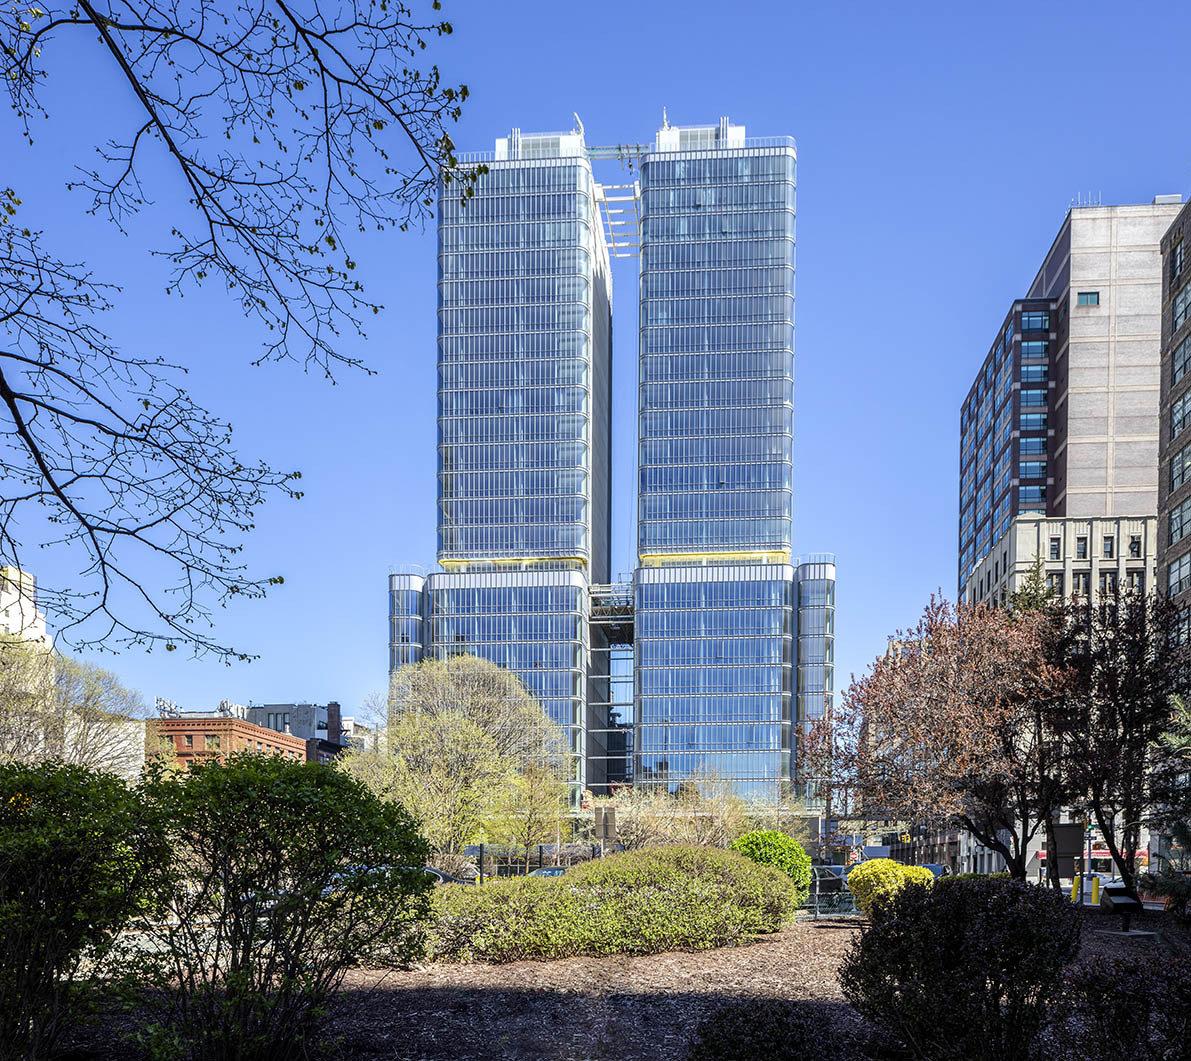 纽约SoHo布鲁姆街565号公寓丨伦佐·皮亚诺工作室